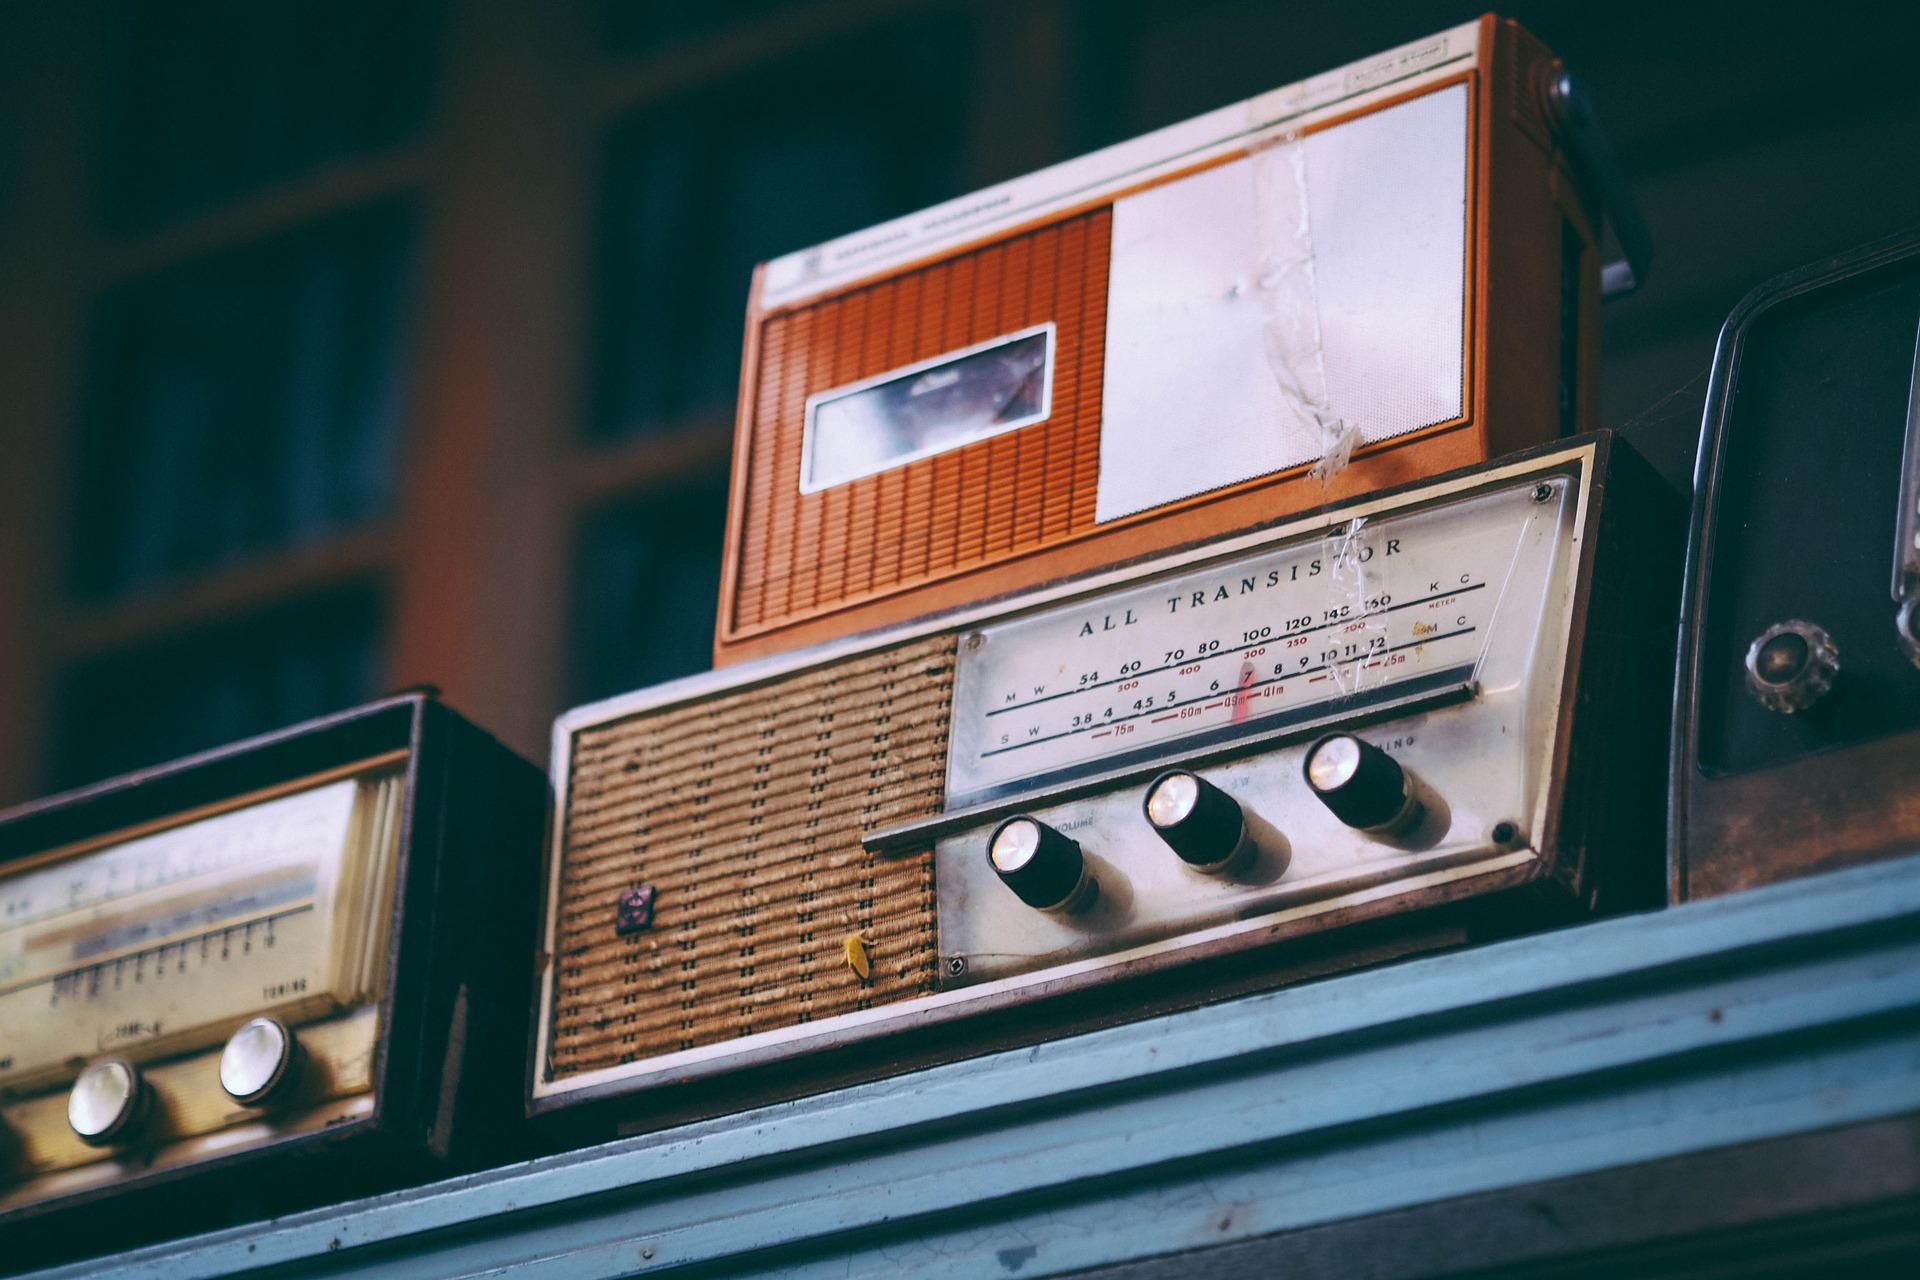 ? Спроба №5: Черниш розповів про конкурси для суспільних радіостанцій